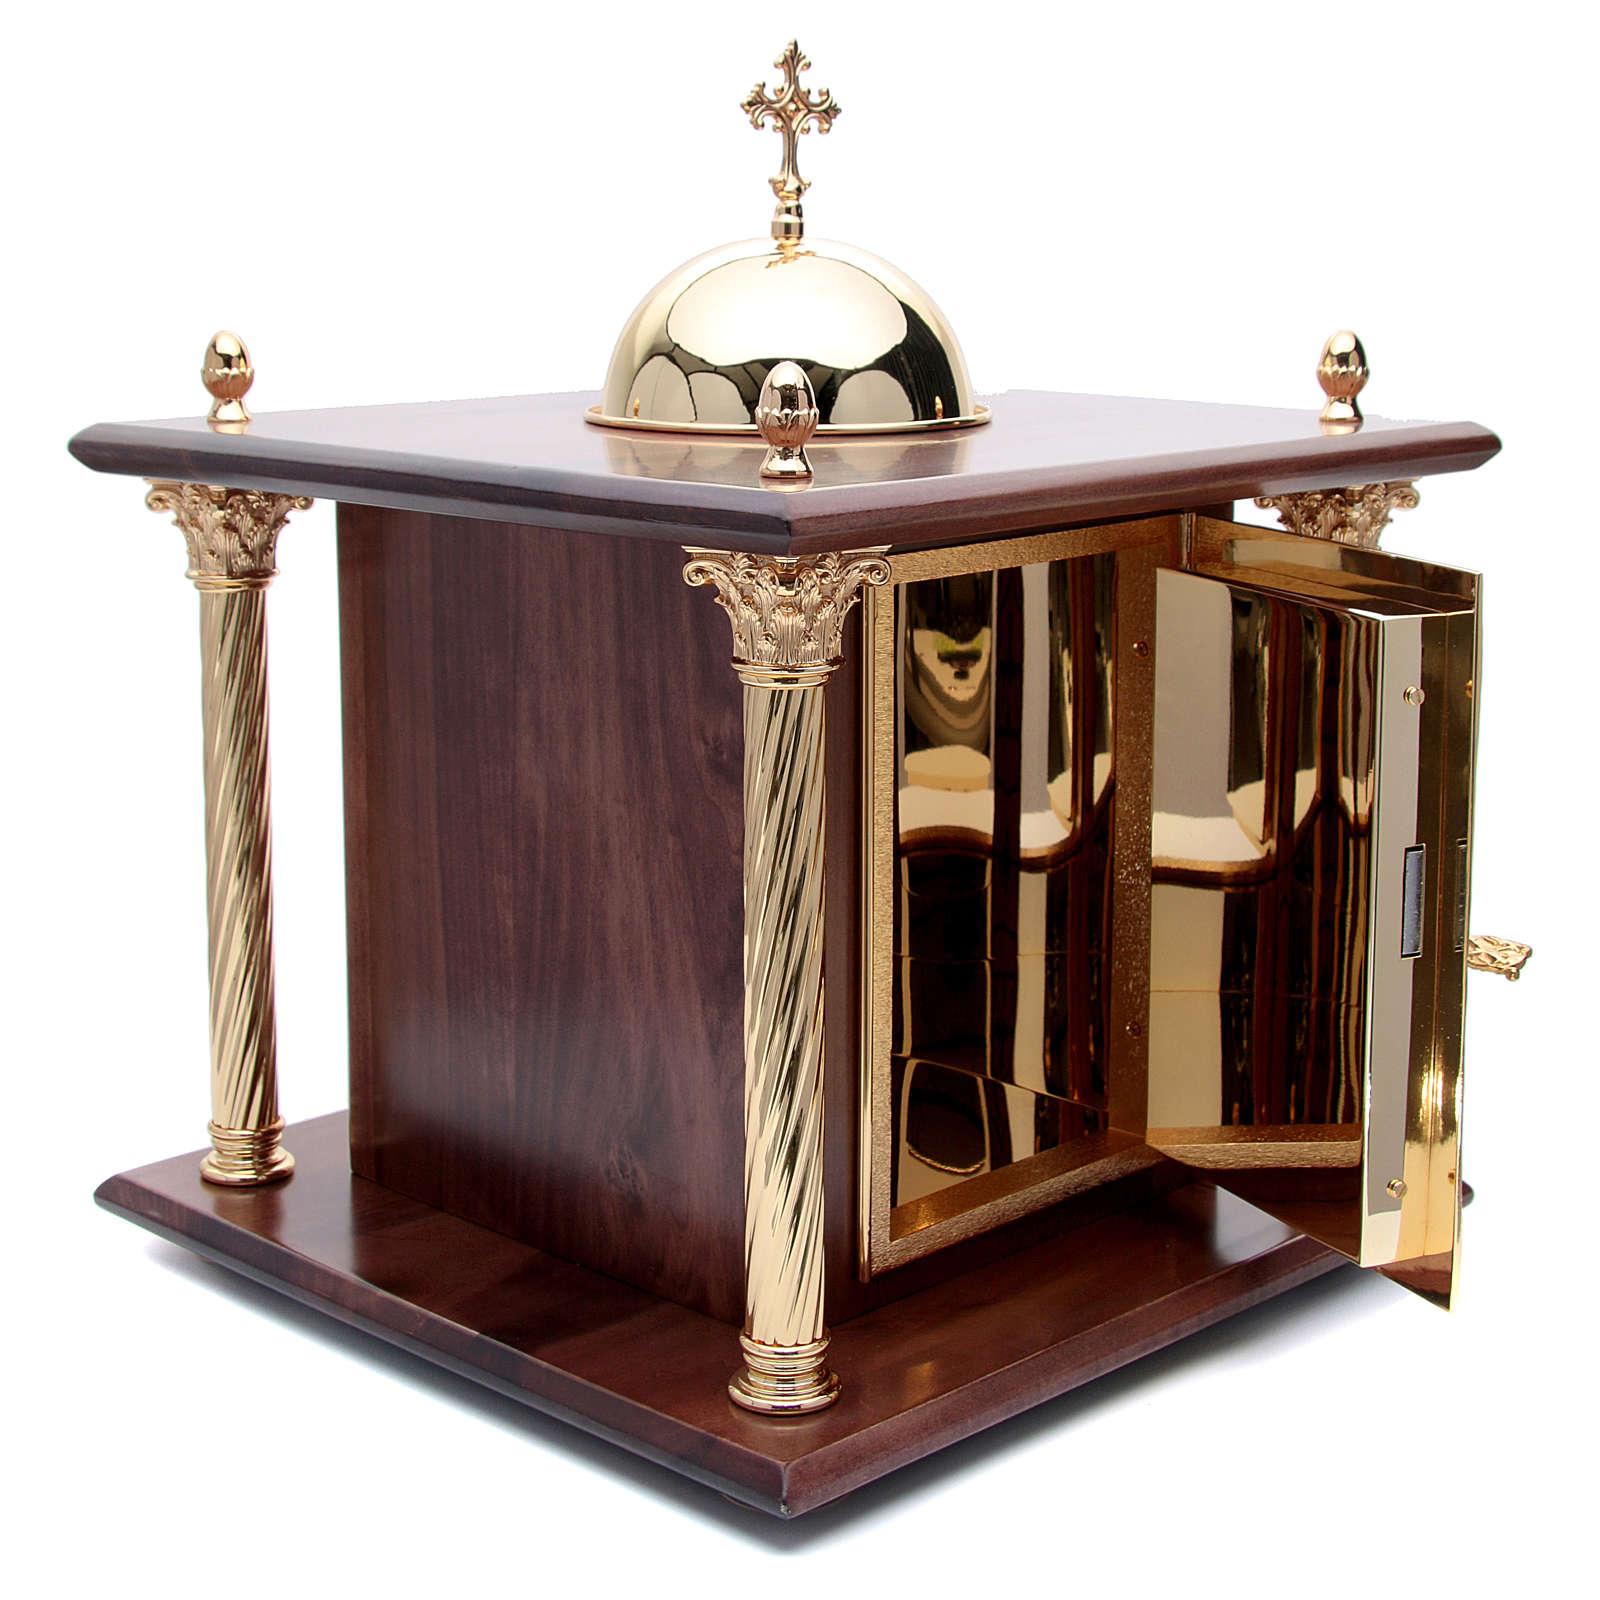 Tabernacolo in legno, porta e colonne in ottone Cena Emmaus 4